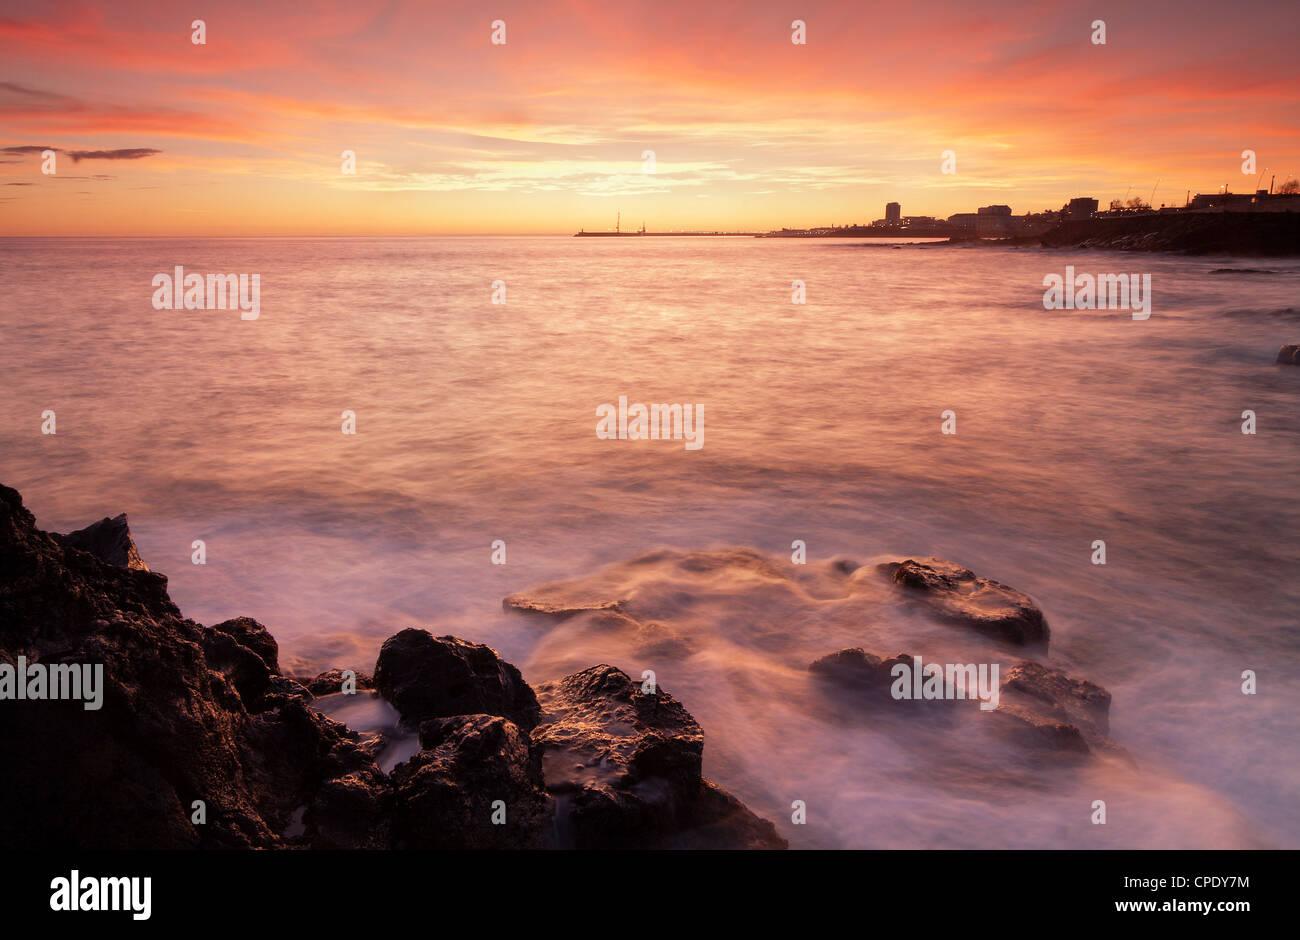 Landschaft / Wasserlandschaft während des Sonnenuntergangs auf Stadt Ponta Delgada auf den Azoren. Stockbild